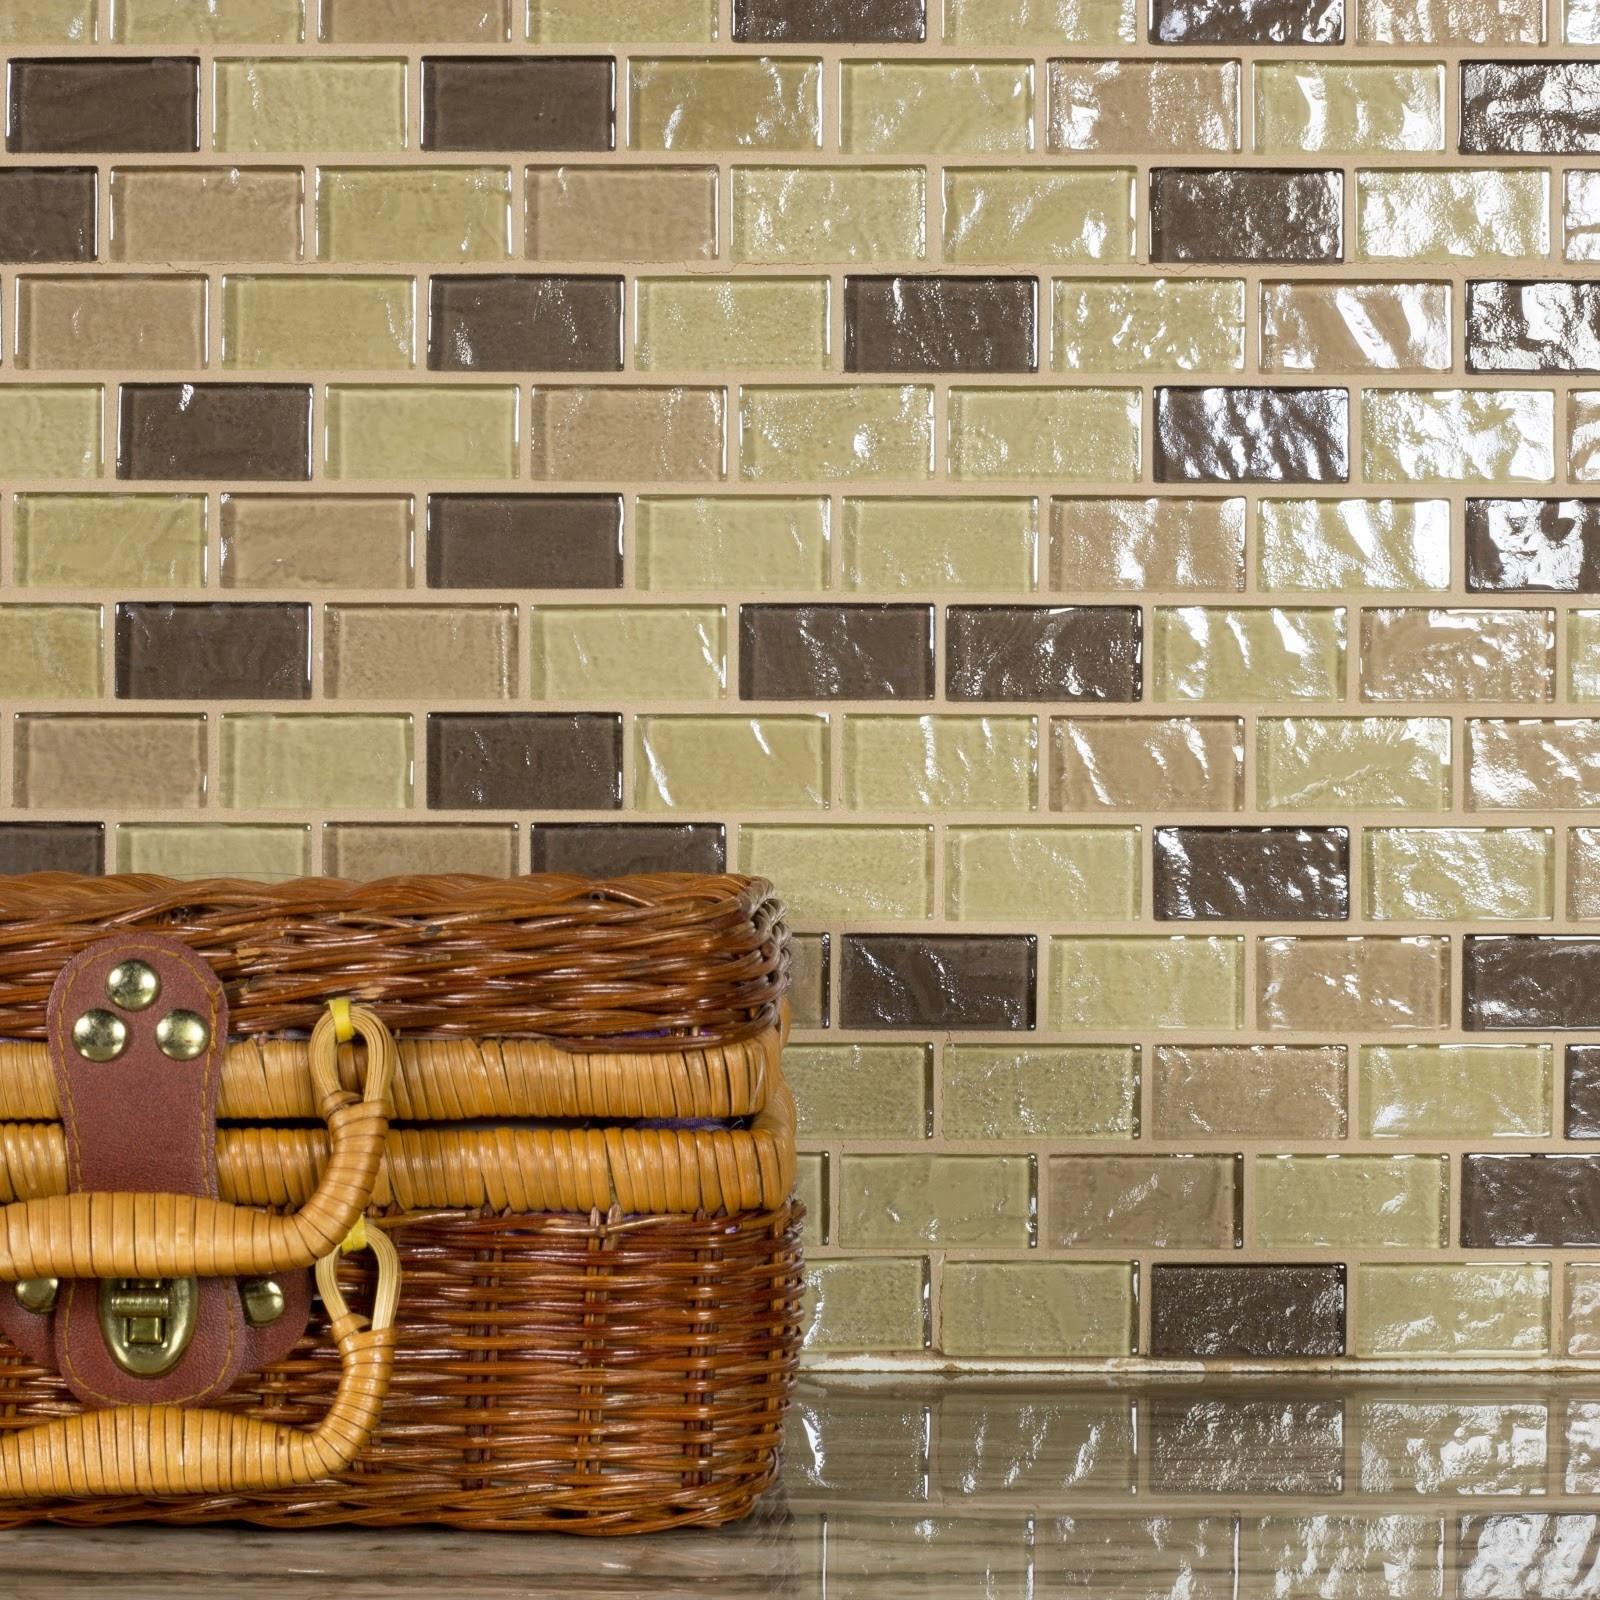 Geo 1 in x 2 in Glass Brick Mosaic in PUPUKEA Textured